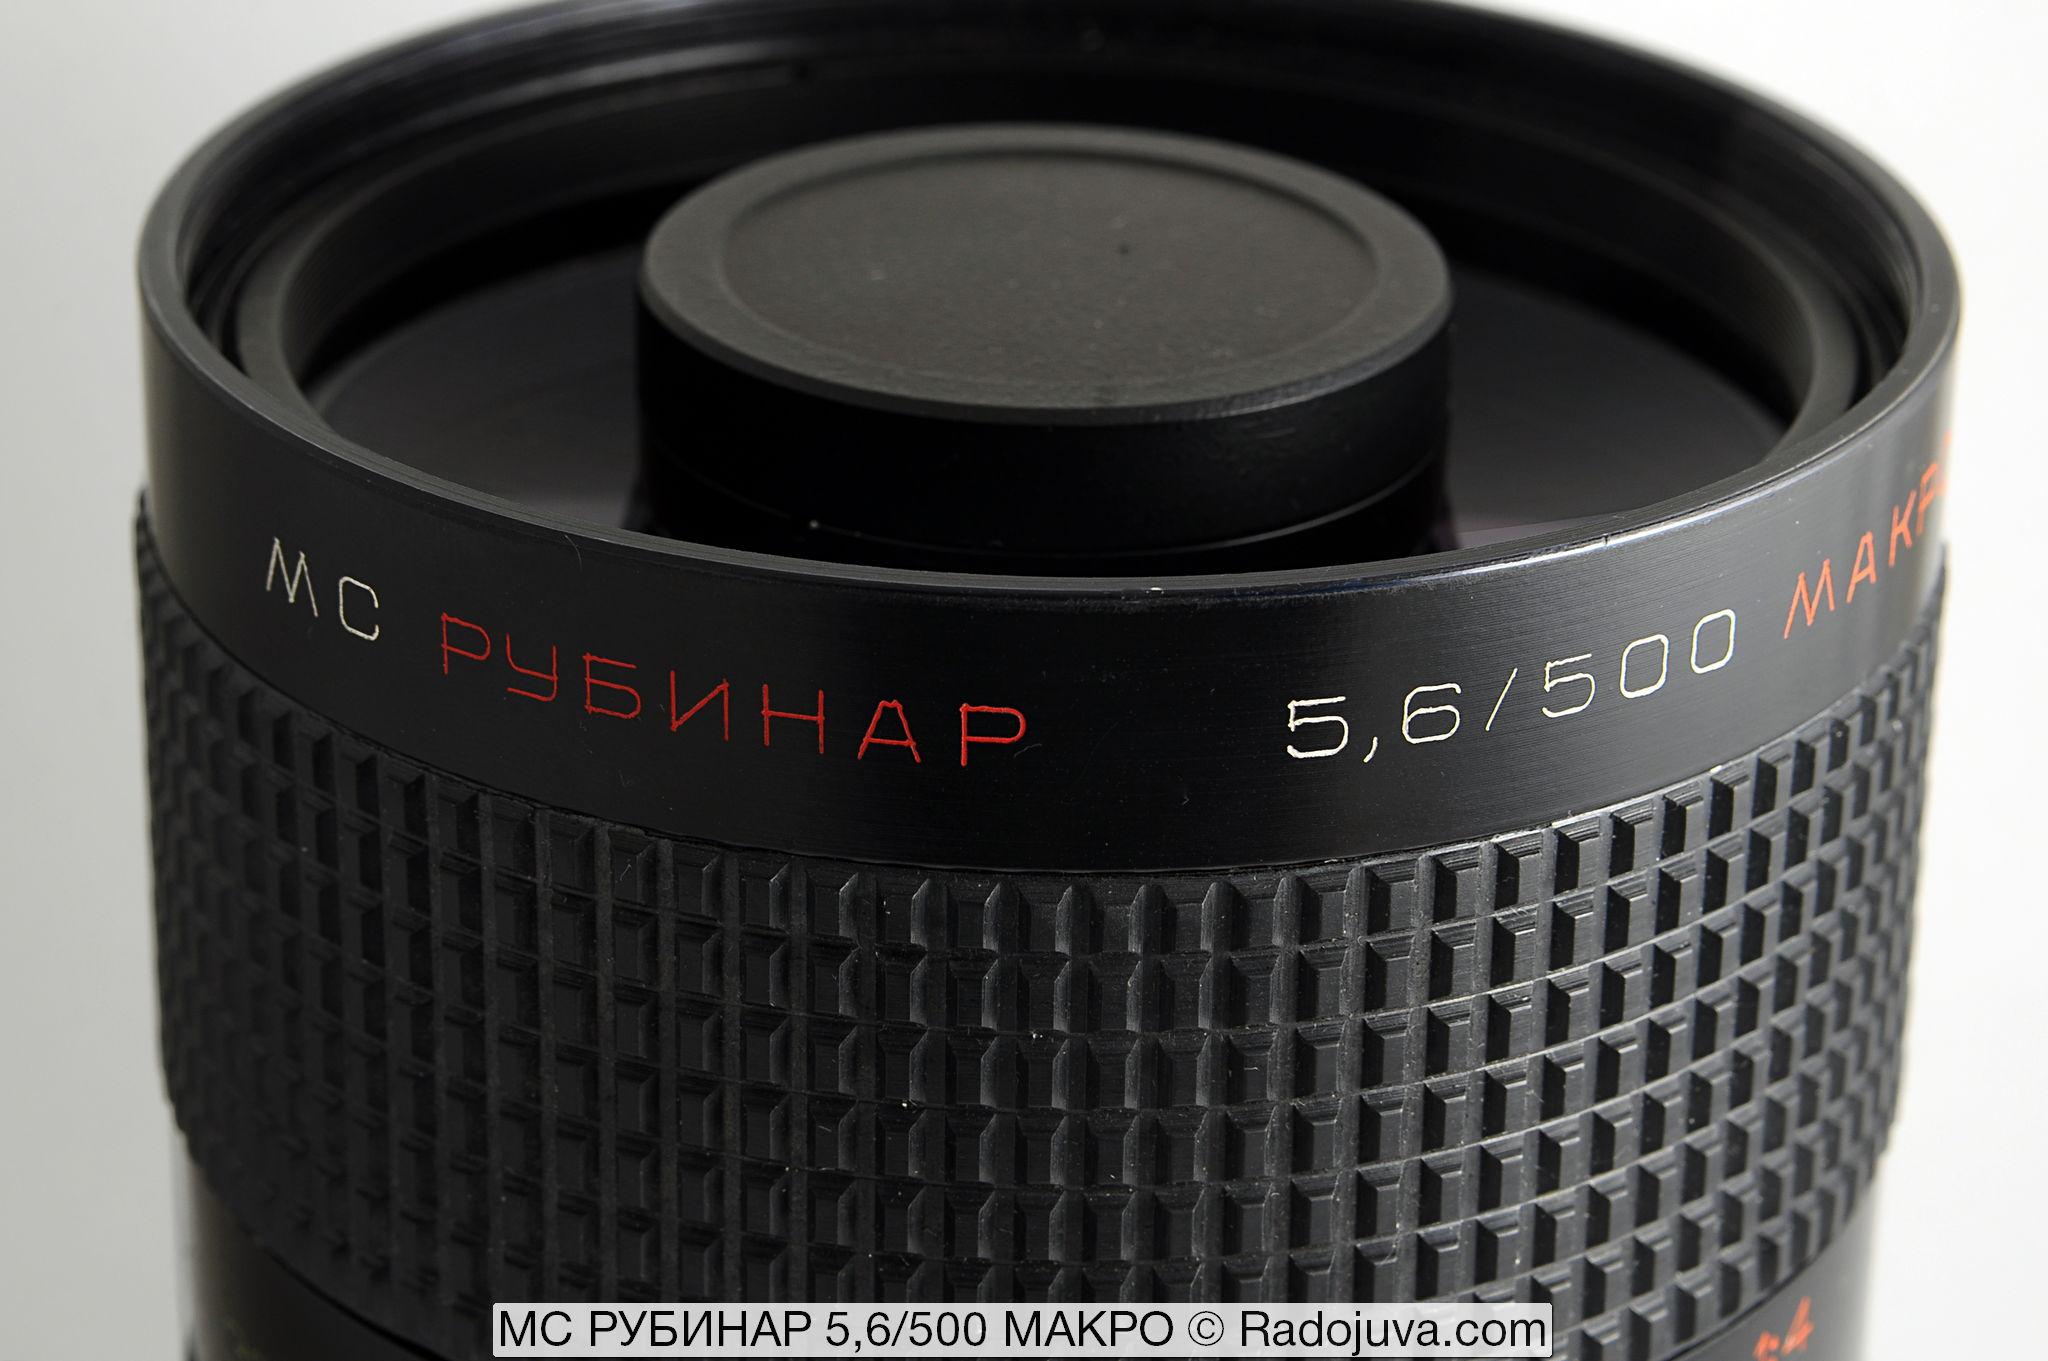 МС РУБИНАР 5,6/500 МАКРО